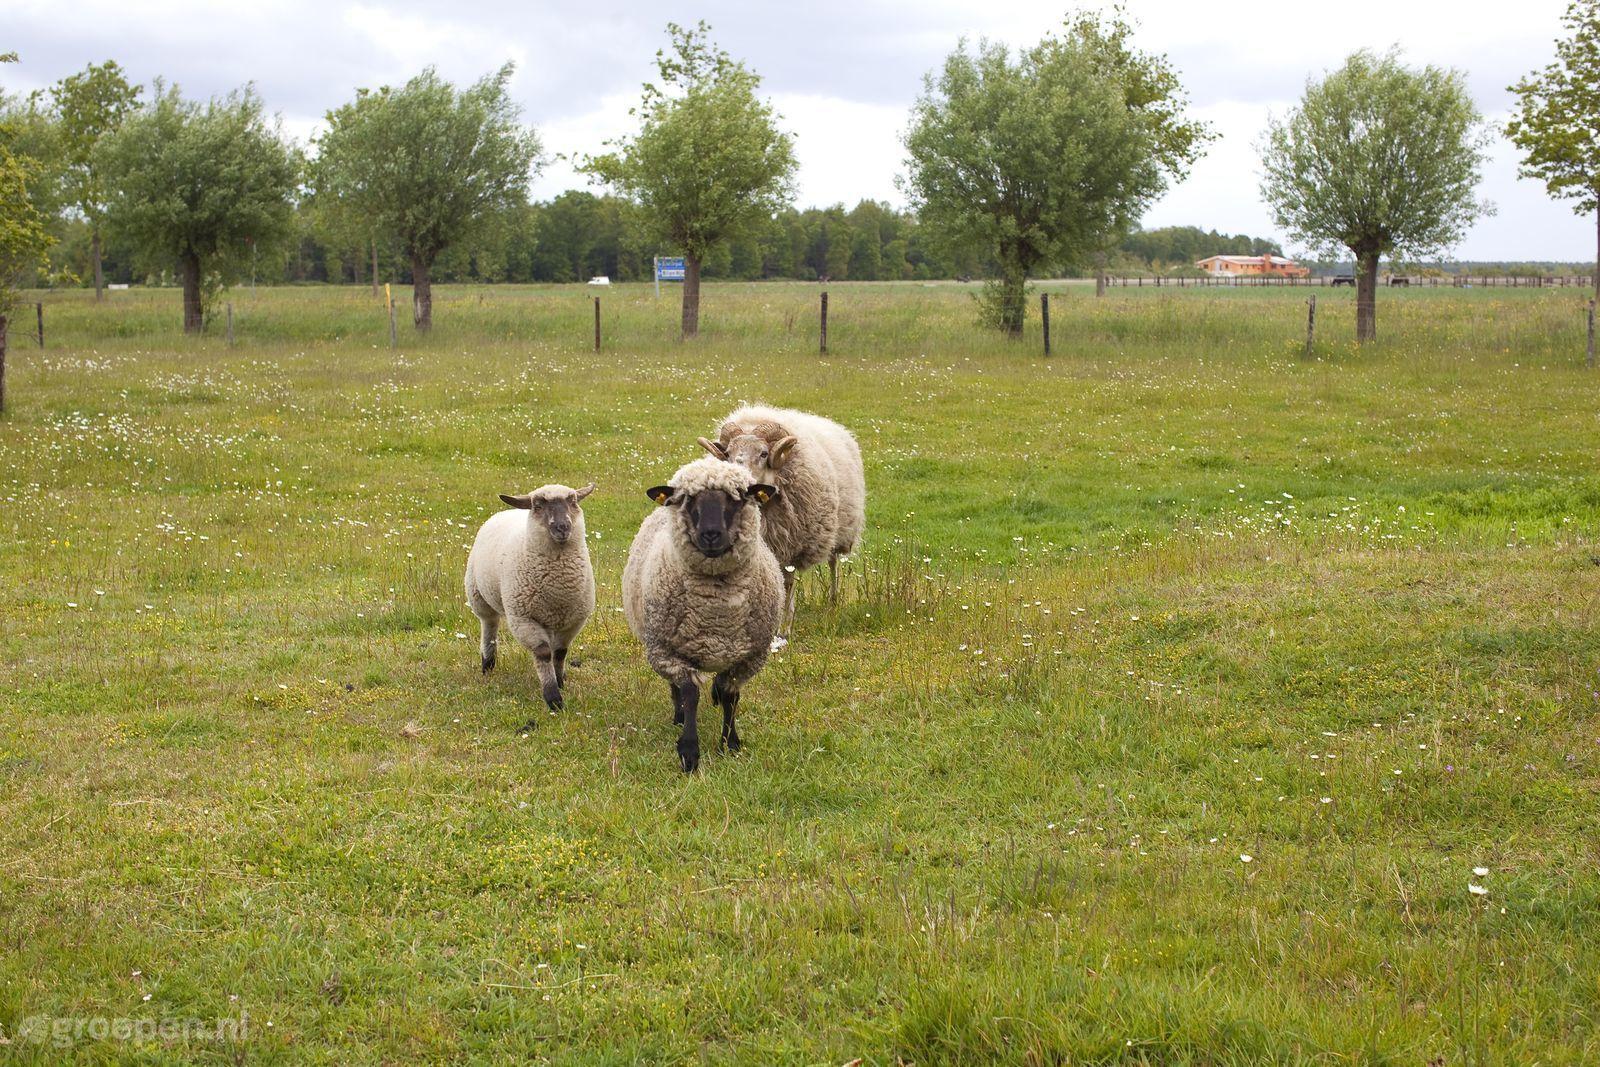 Bant Ban 1531 16 Personen Flevoland Niederlande Gruppenurlaub